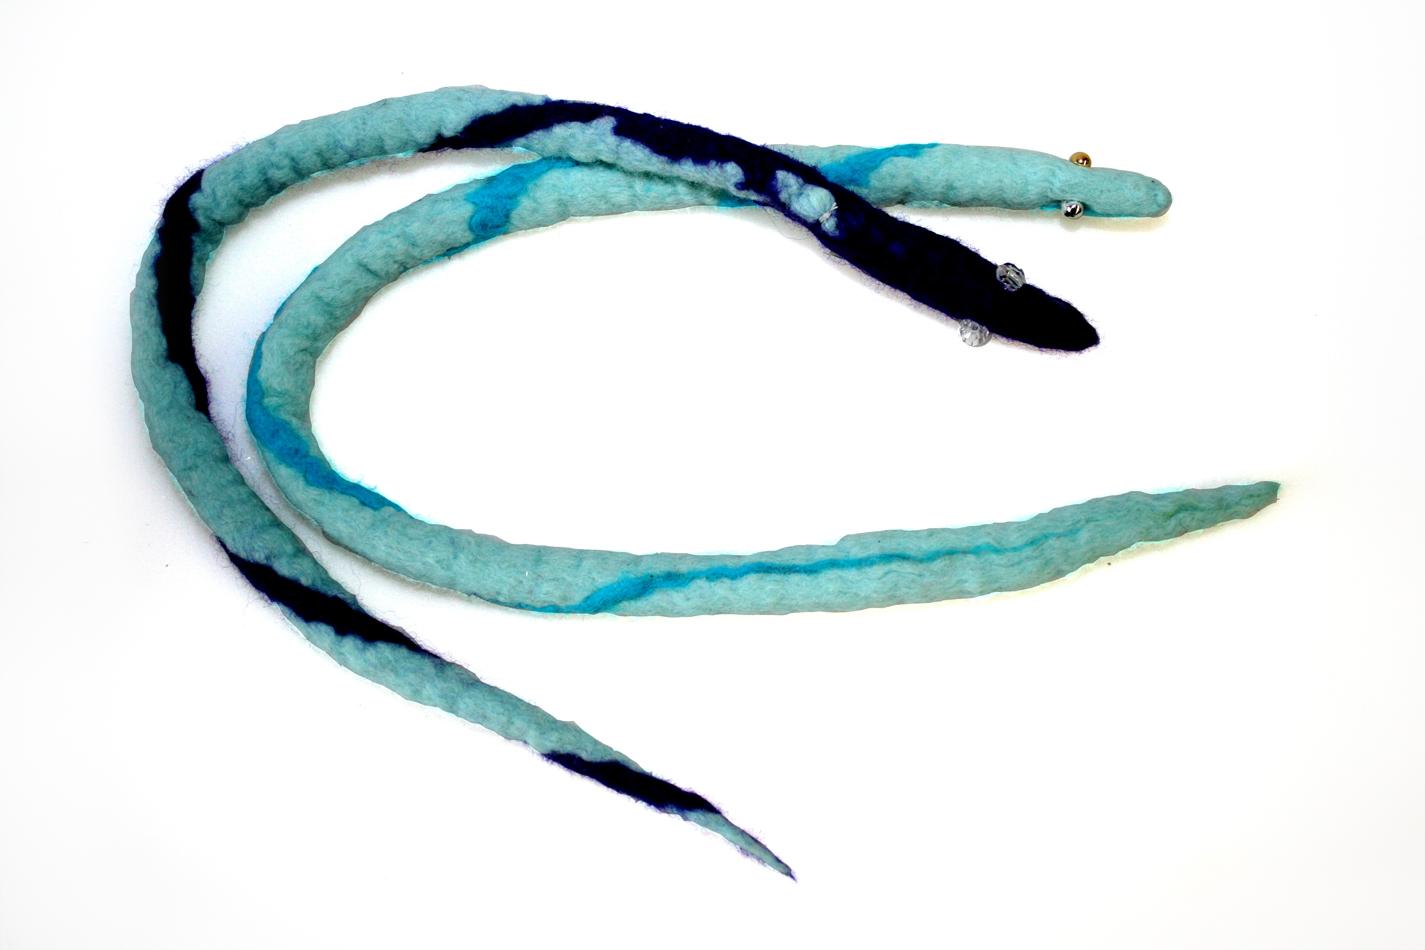 Filzschlangen von Vivian und Chayma (9)